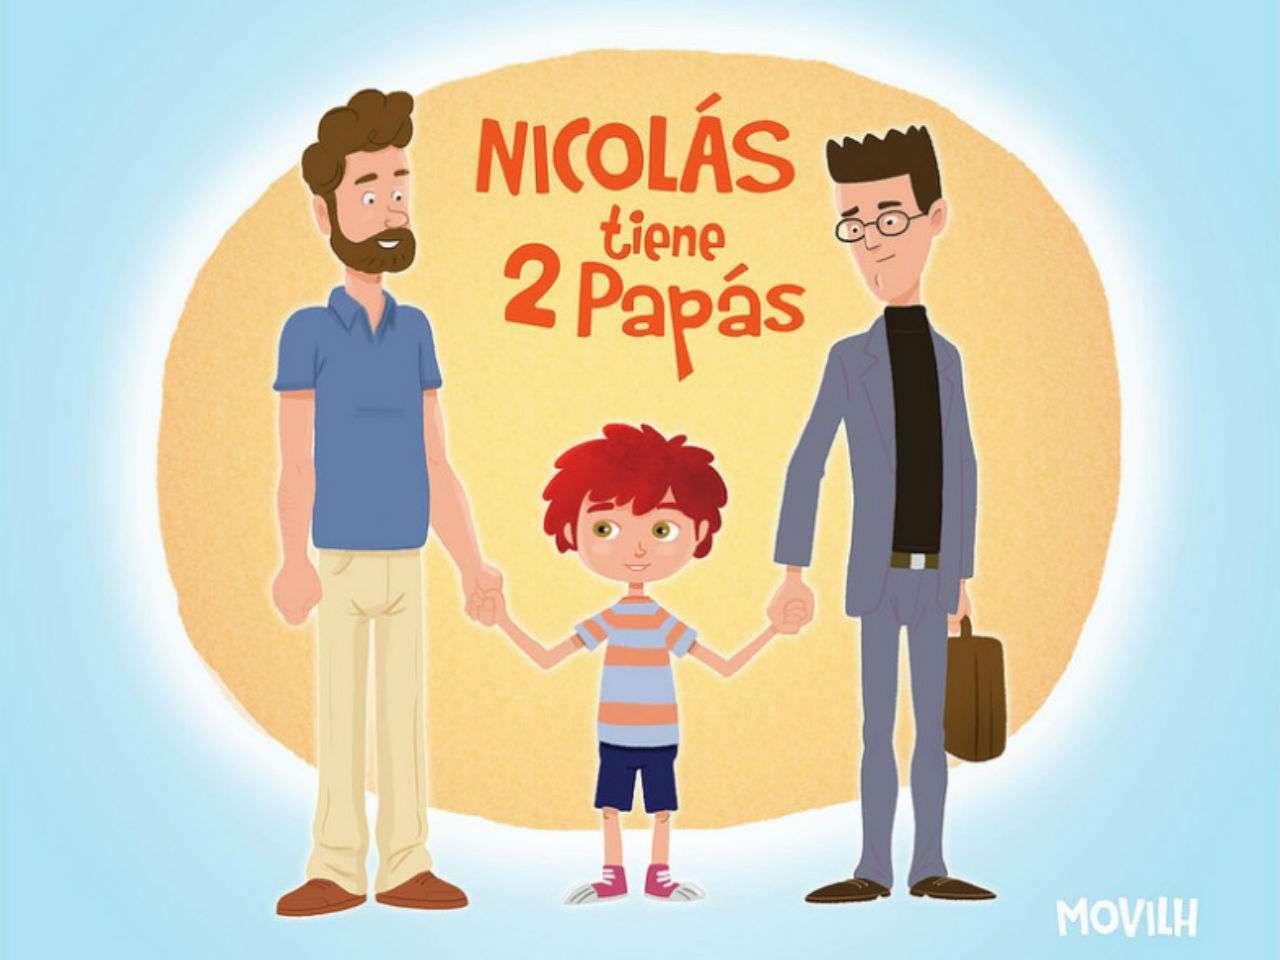 De acuerdo a estudios del Movilh, 10 por ciento de las parejas del mismo sexo en Chile declara tener hijos. Foto: Movilh